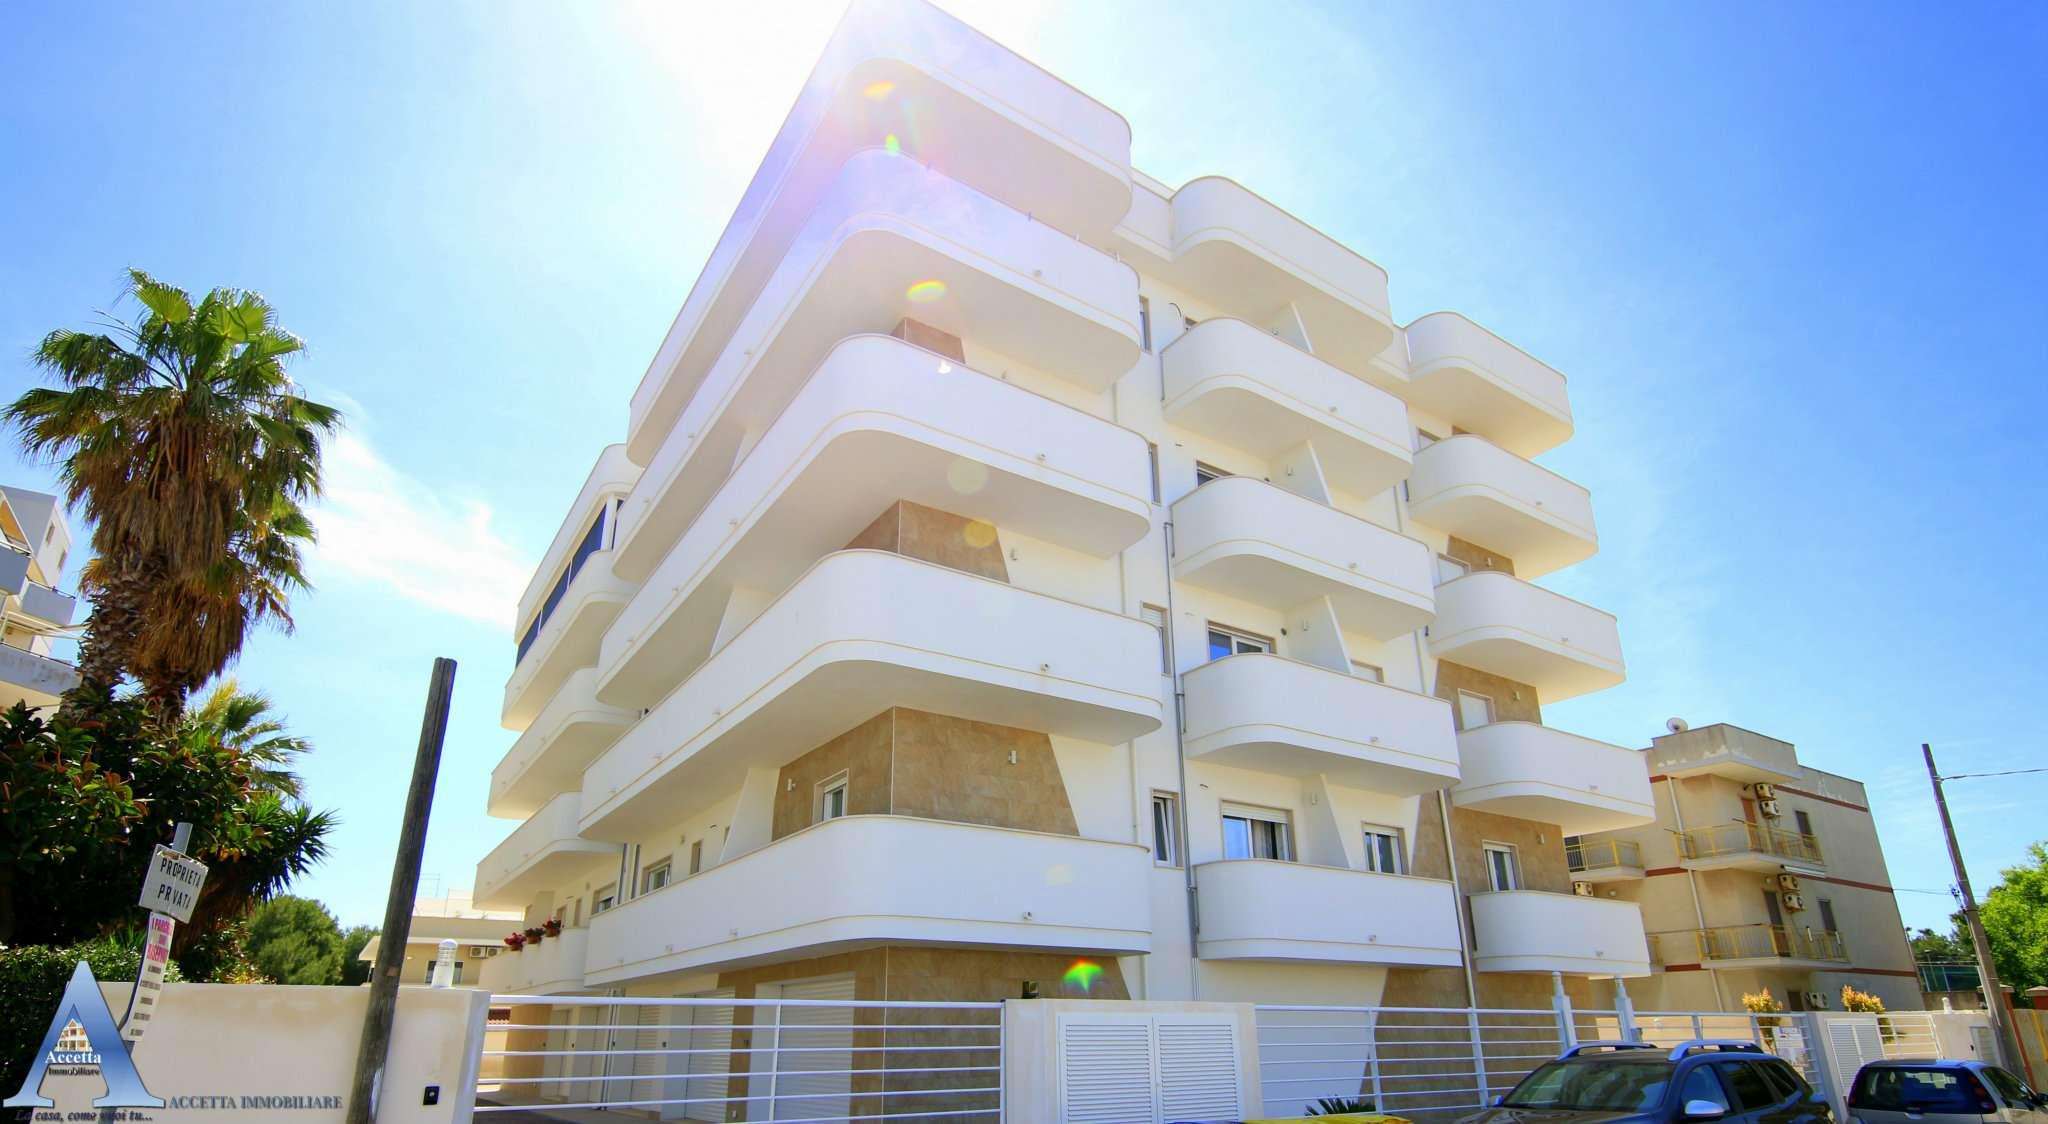 Appartamento in vendita a Taranto, 3 locali, prezzo € 168.000 | CambioCasa.it